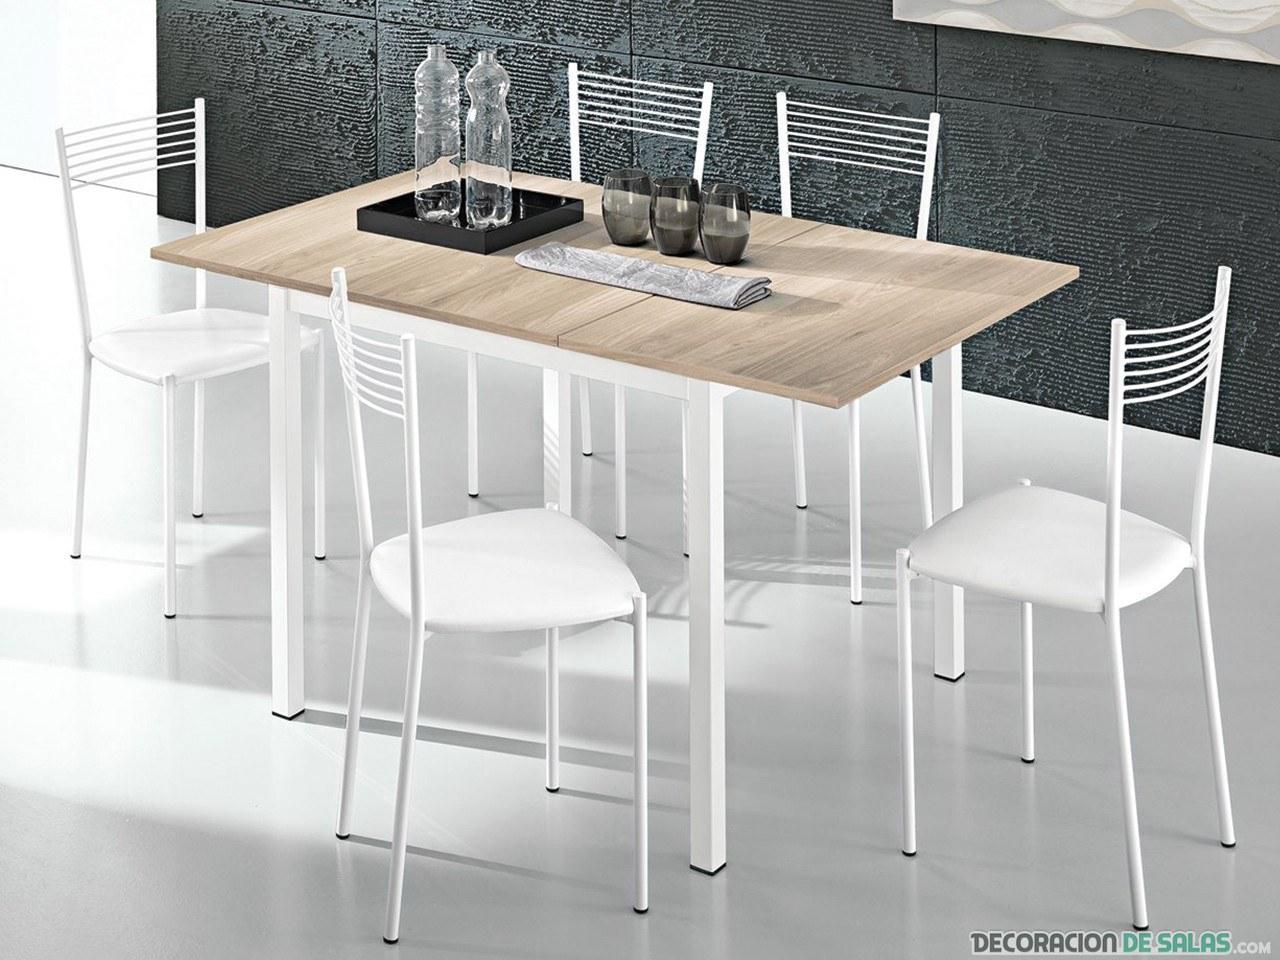 Porqu colocar una mesa en la cocina for Mesa cocina blanca